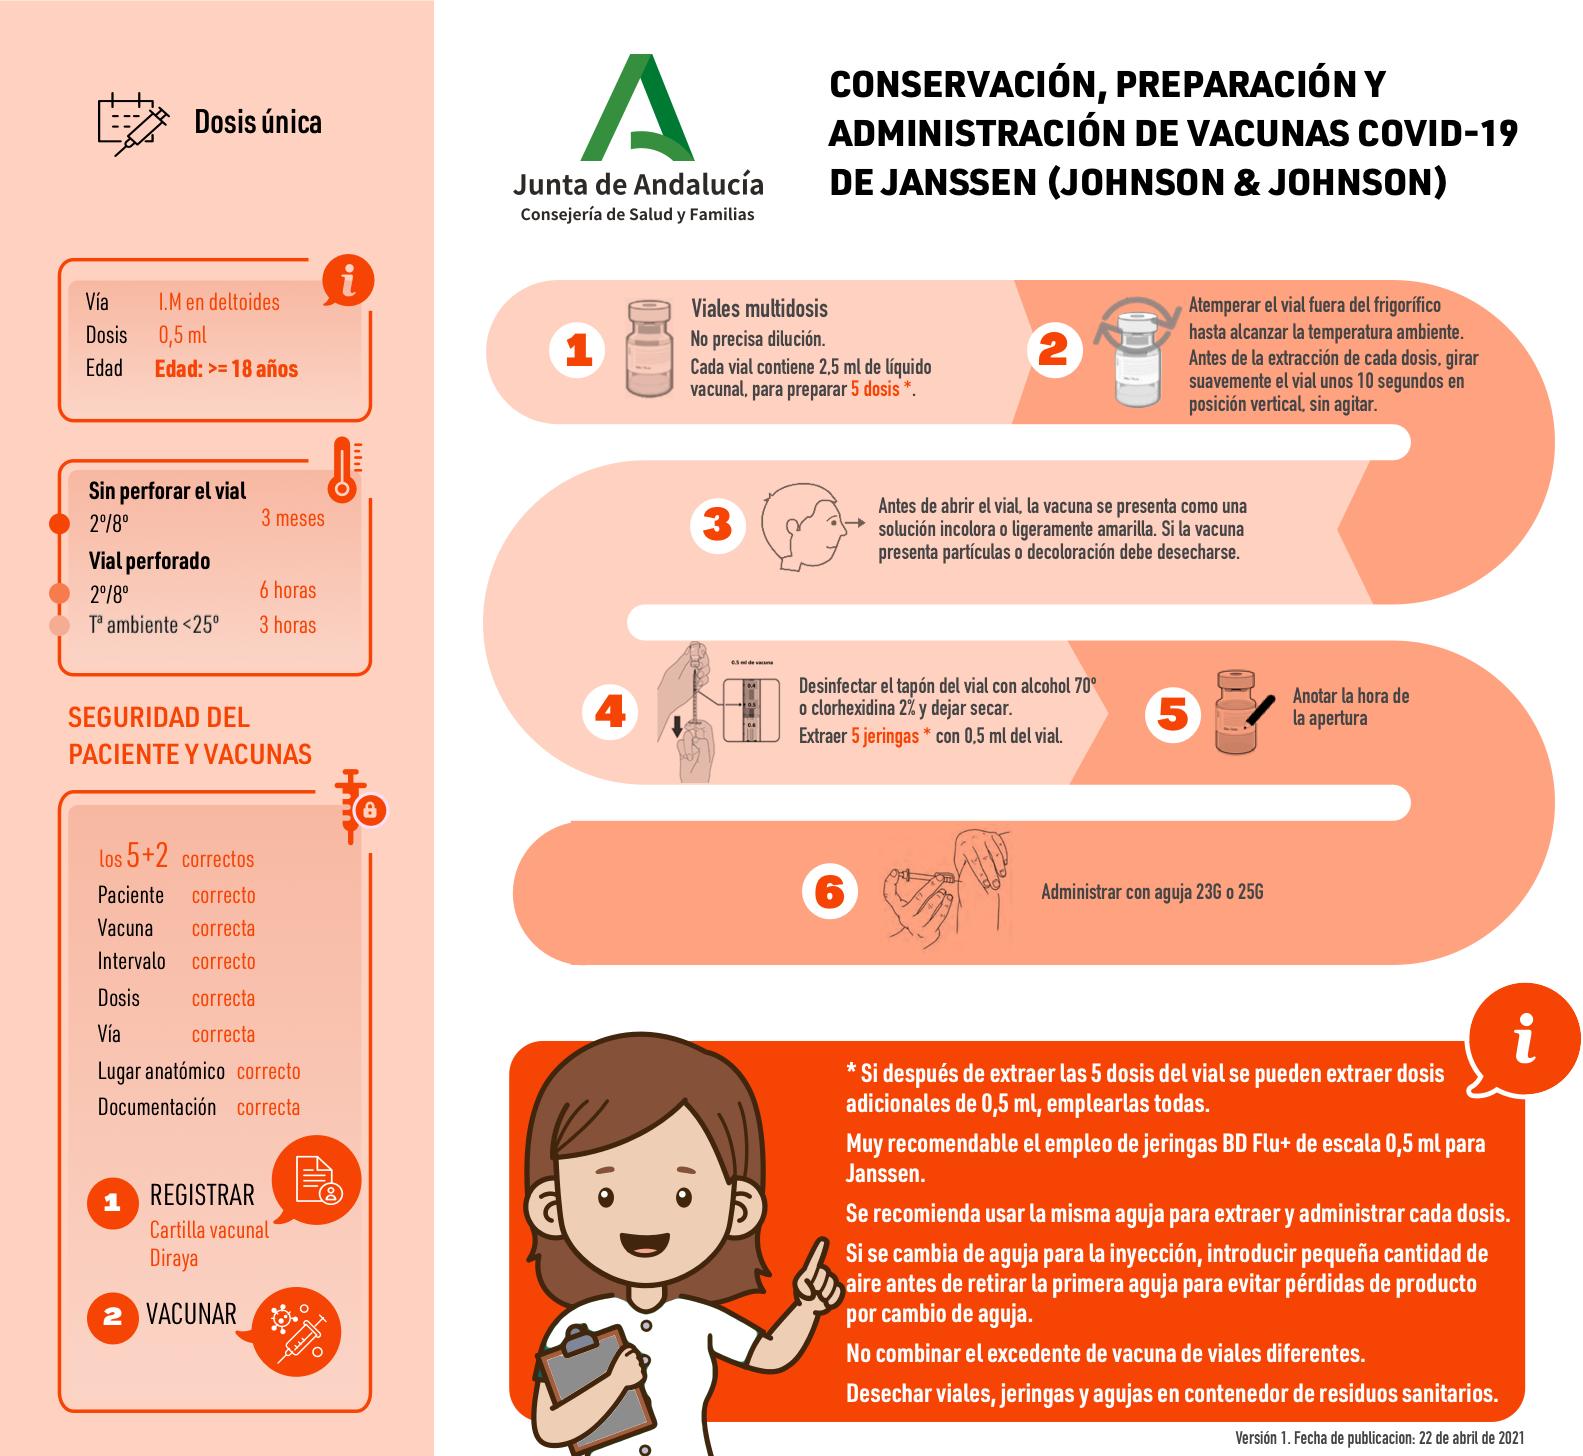 Conservación, preparación y administración de vacunas COVID-19 de Janssen